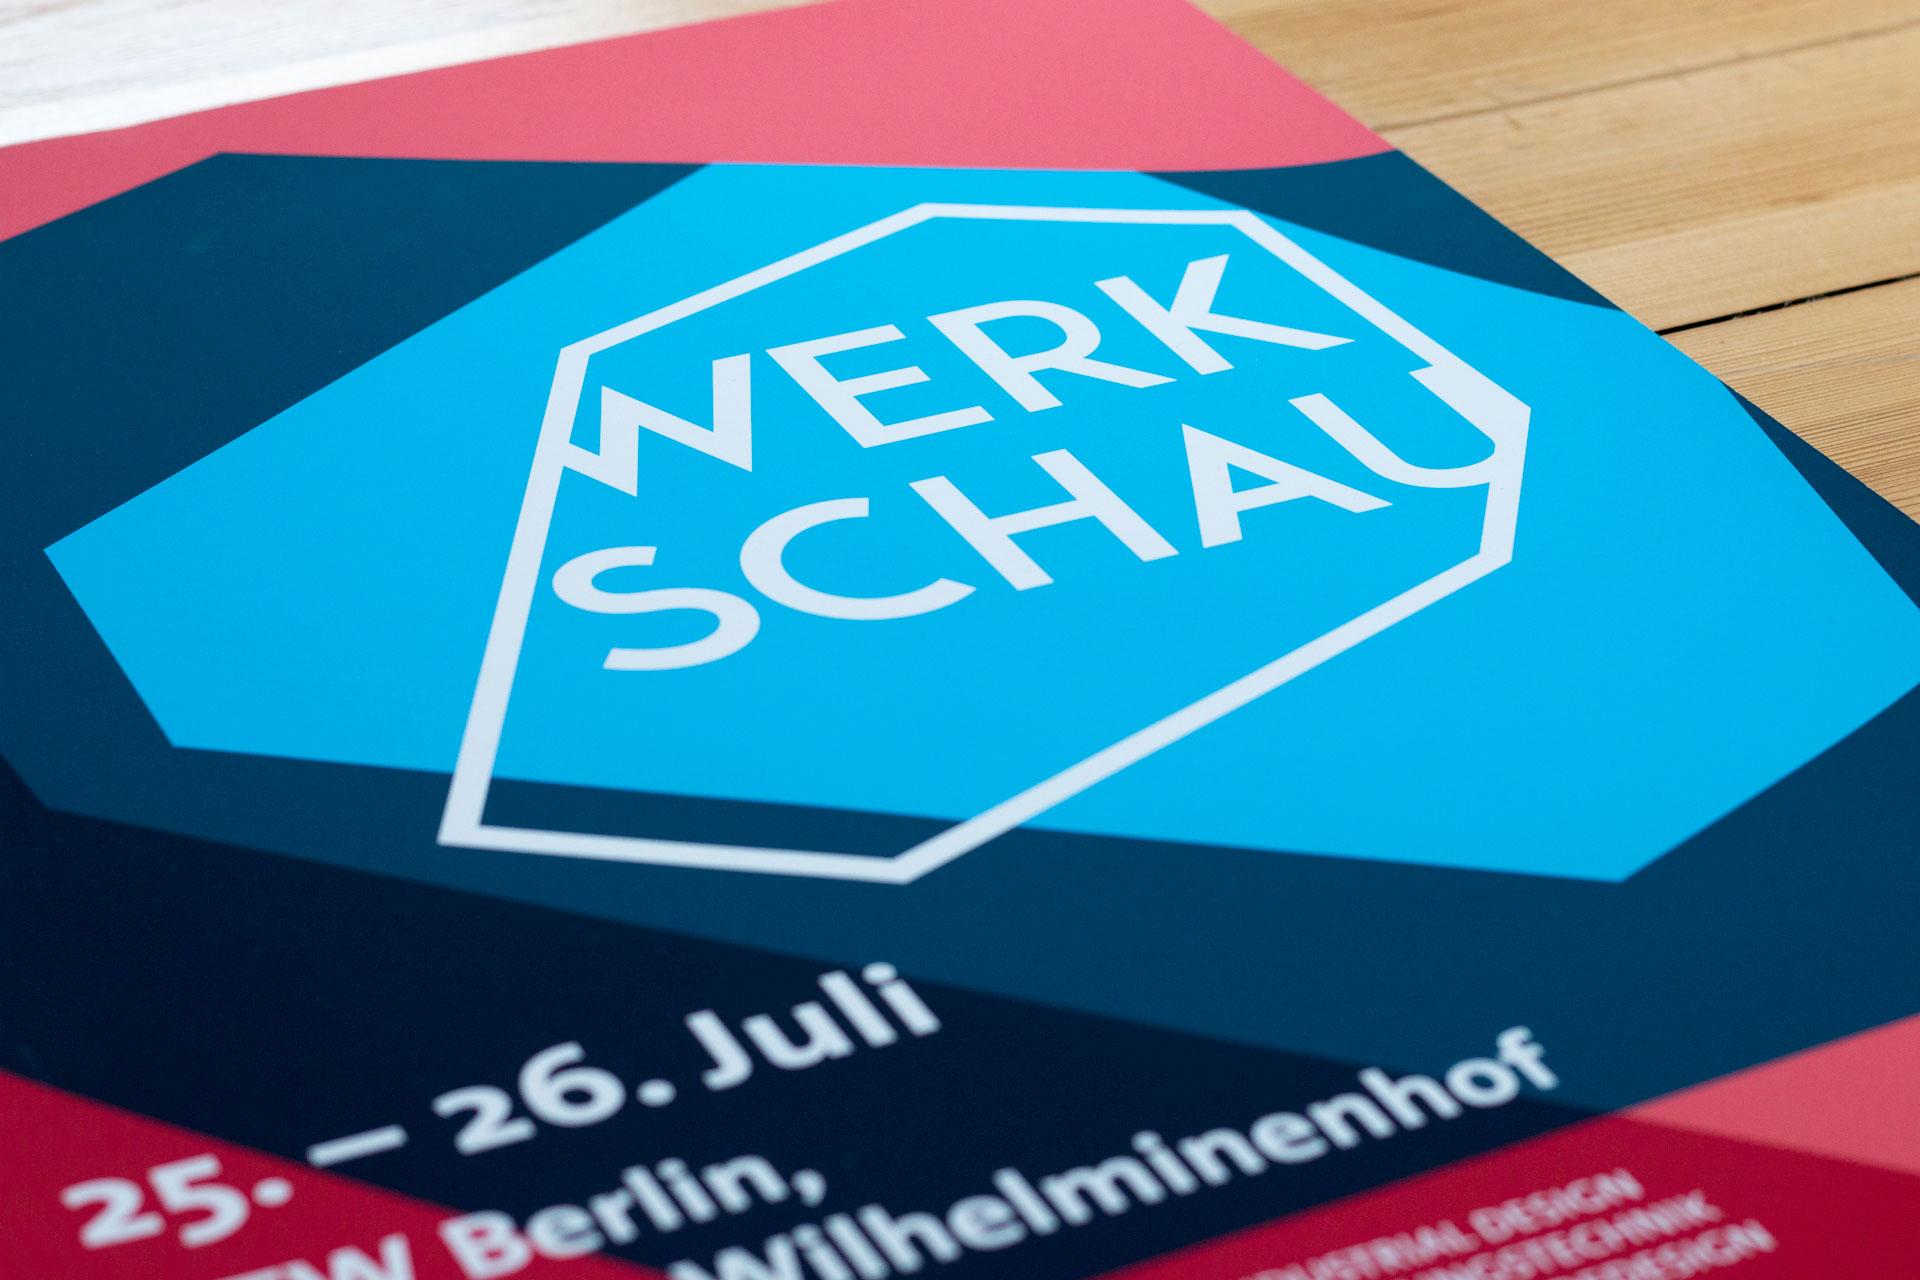 Werschau Poster Closeup